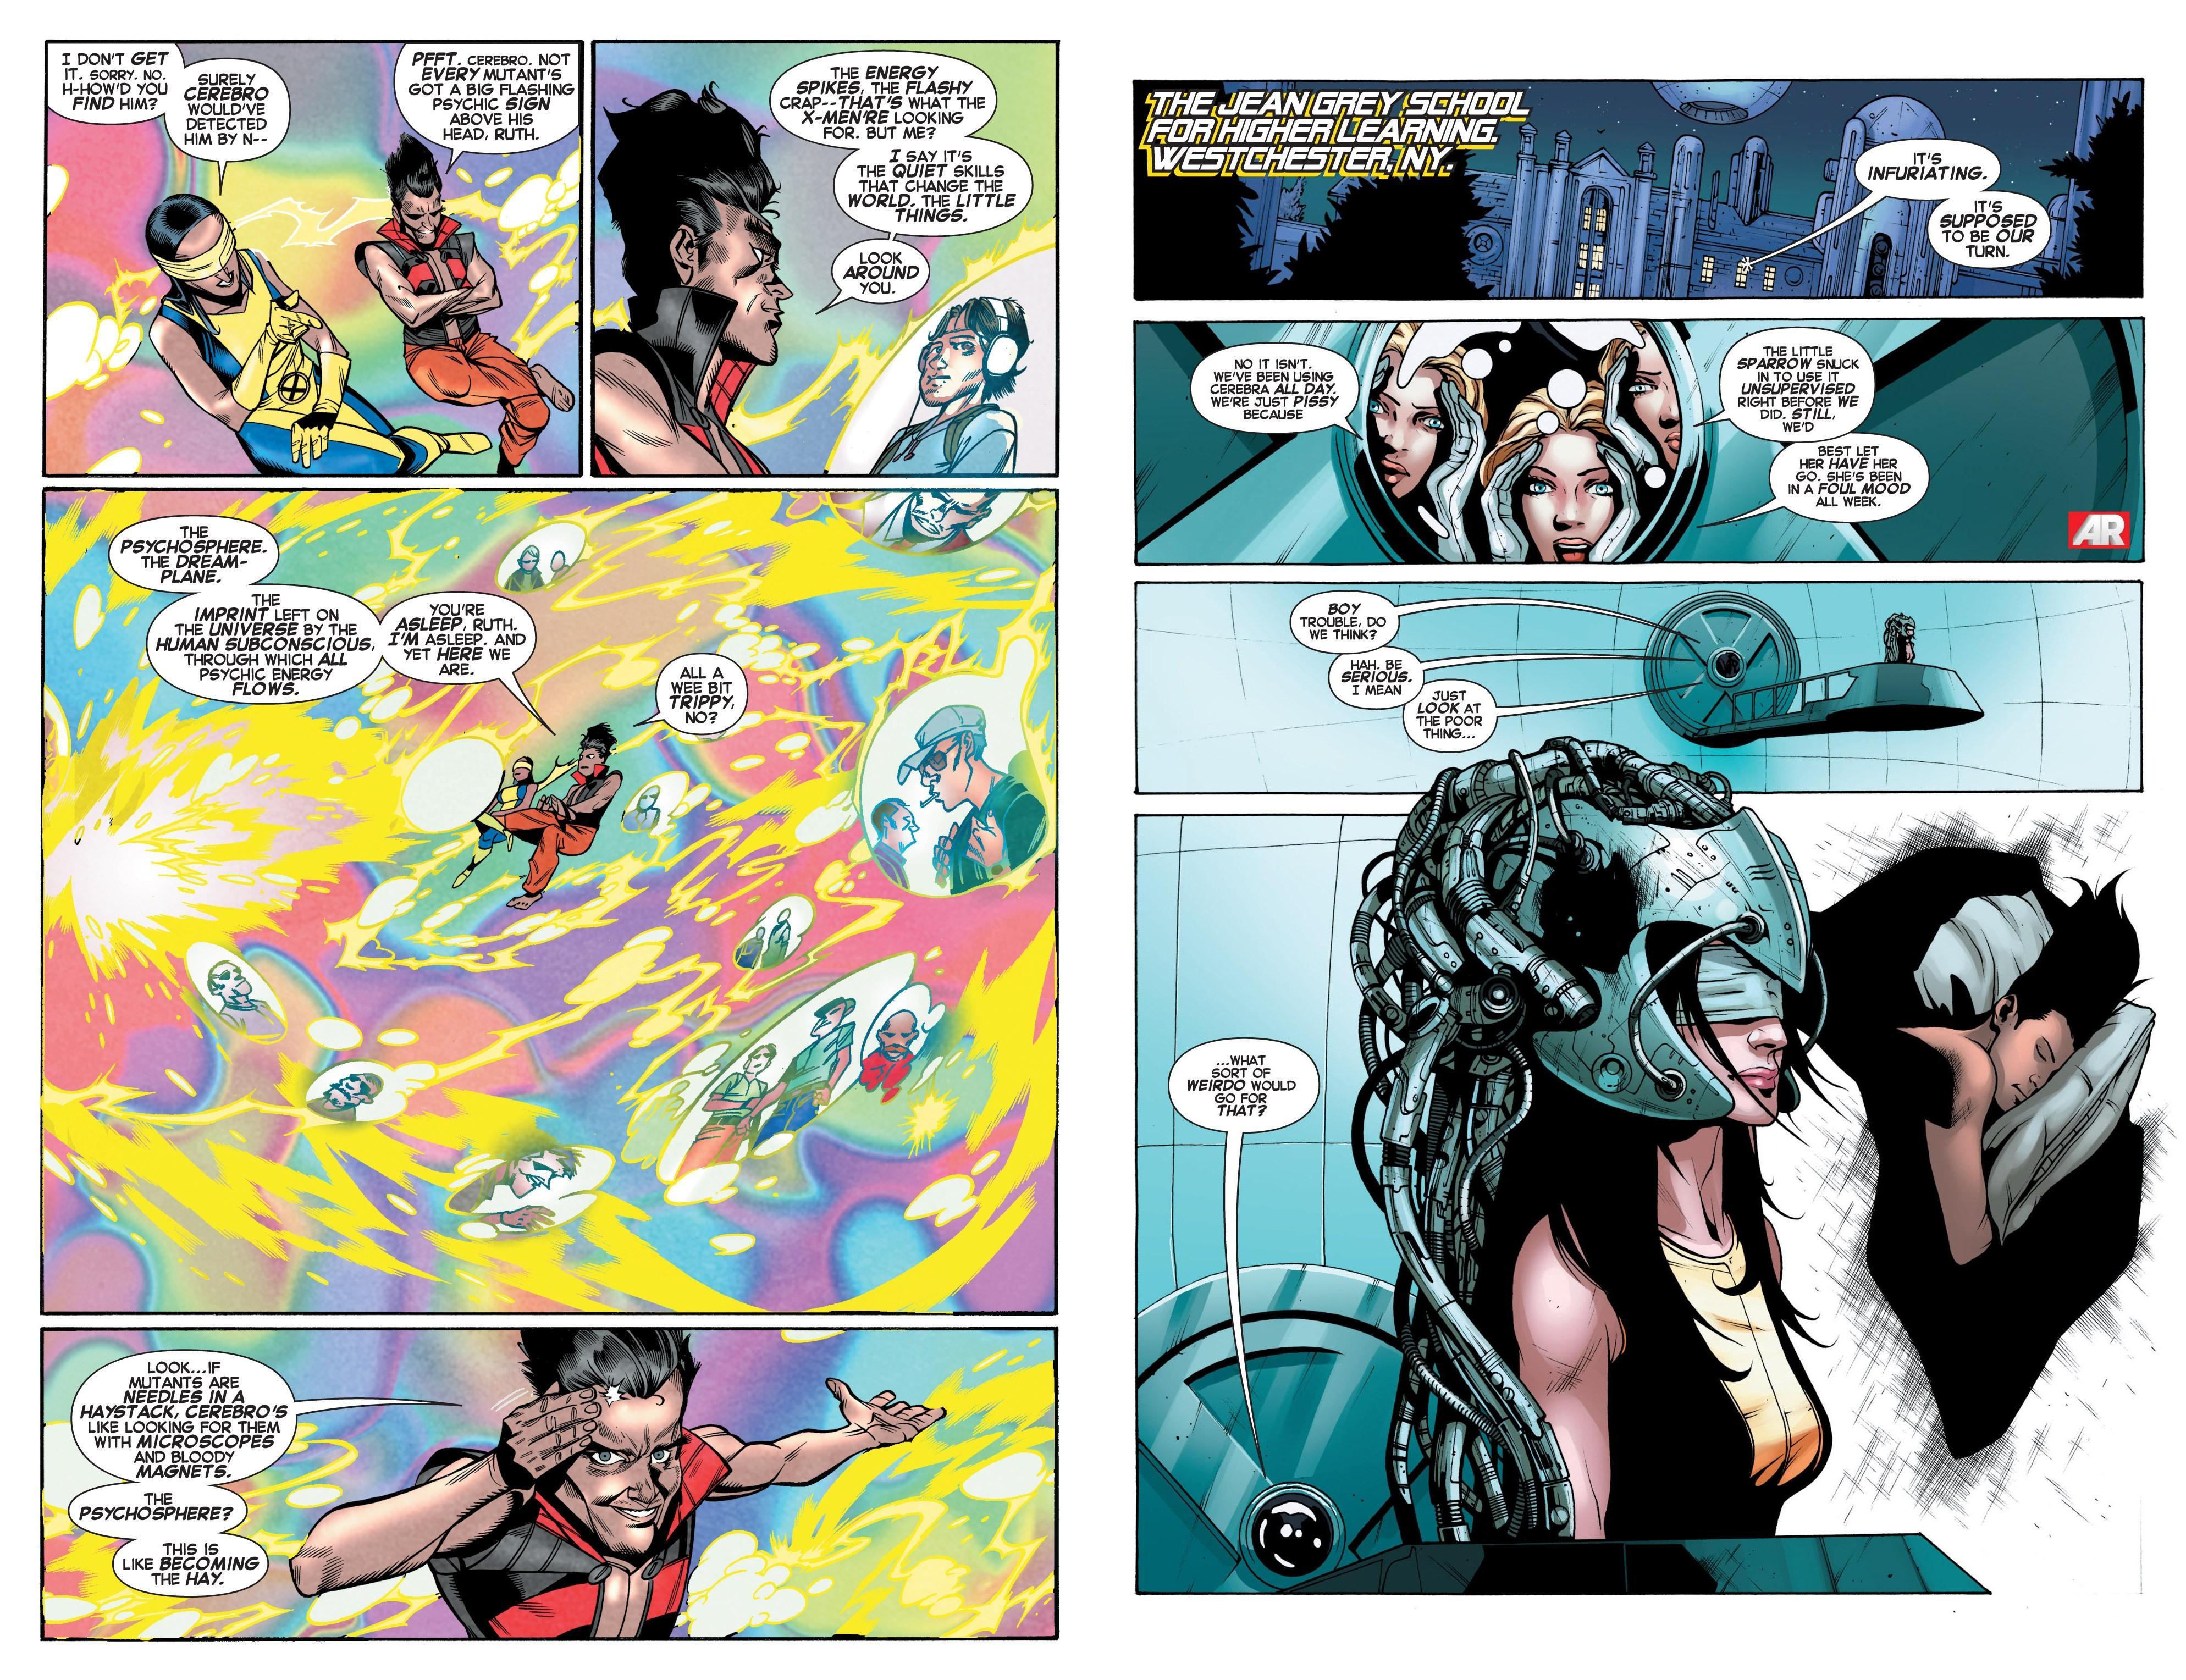 X-Men Legacy Invasive Exotics review